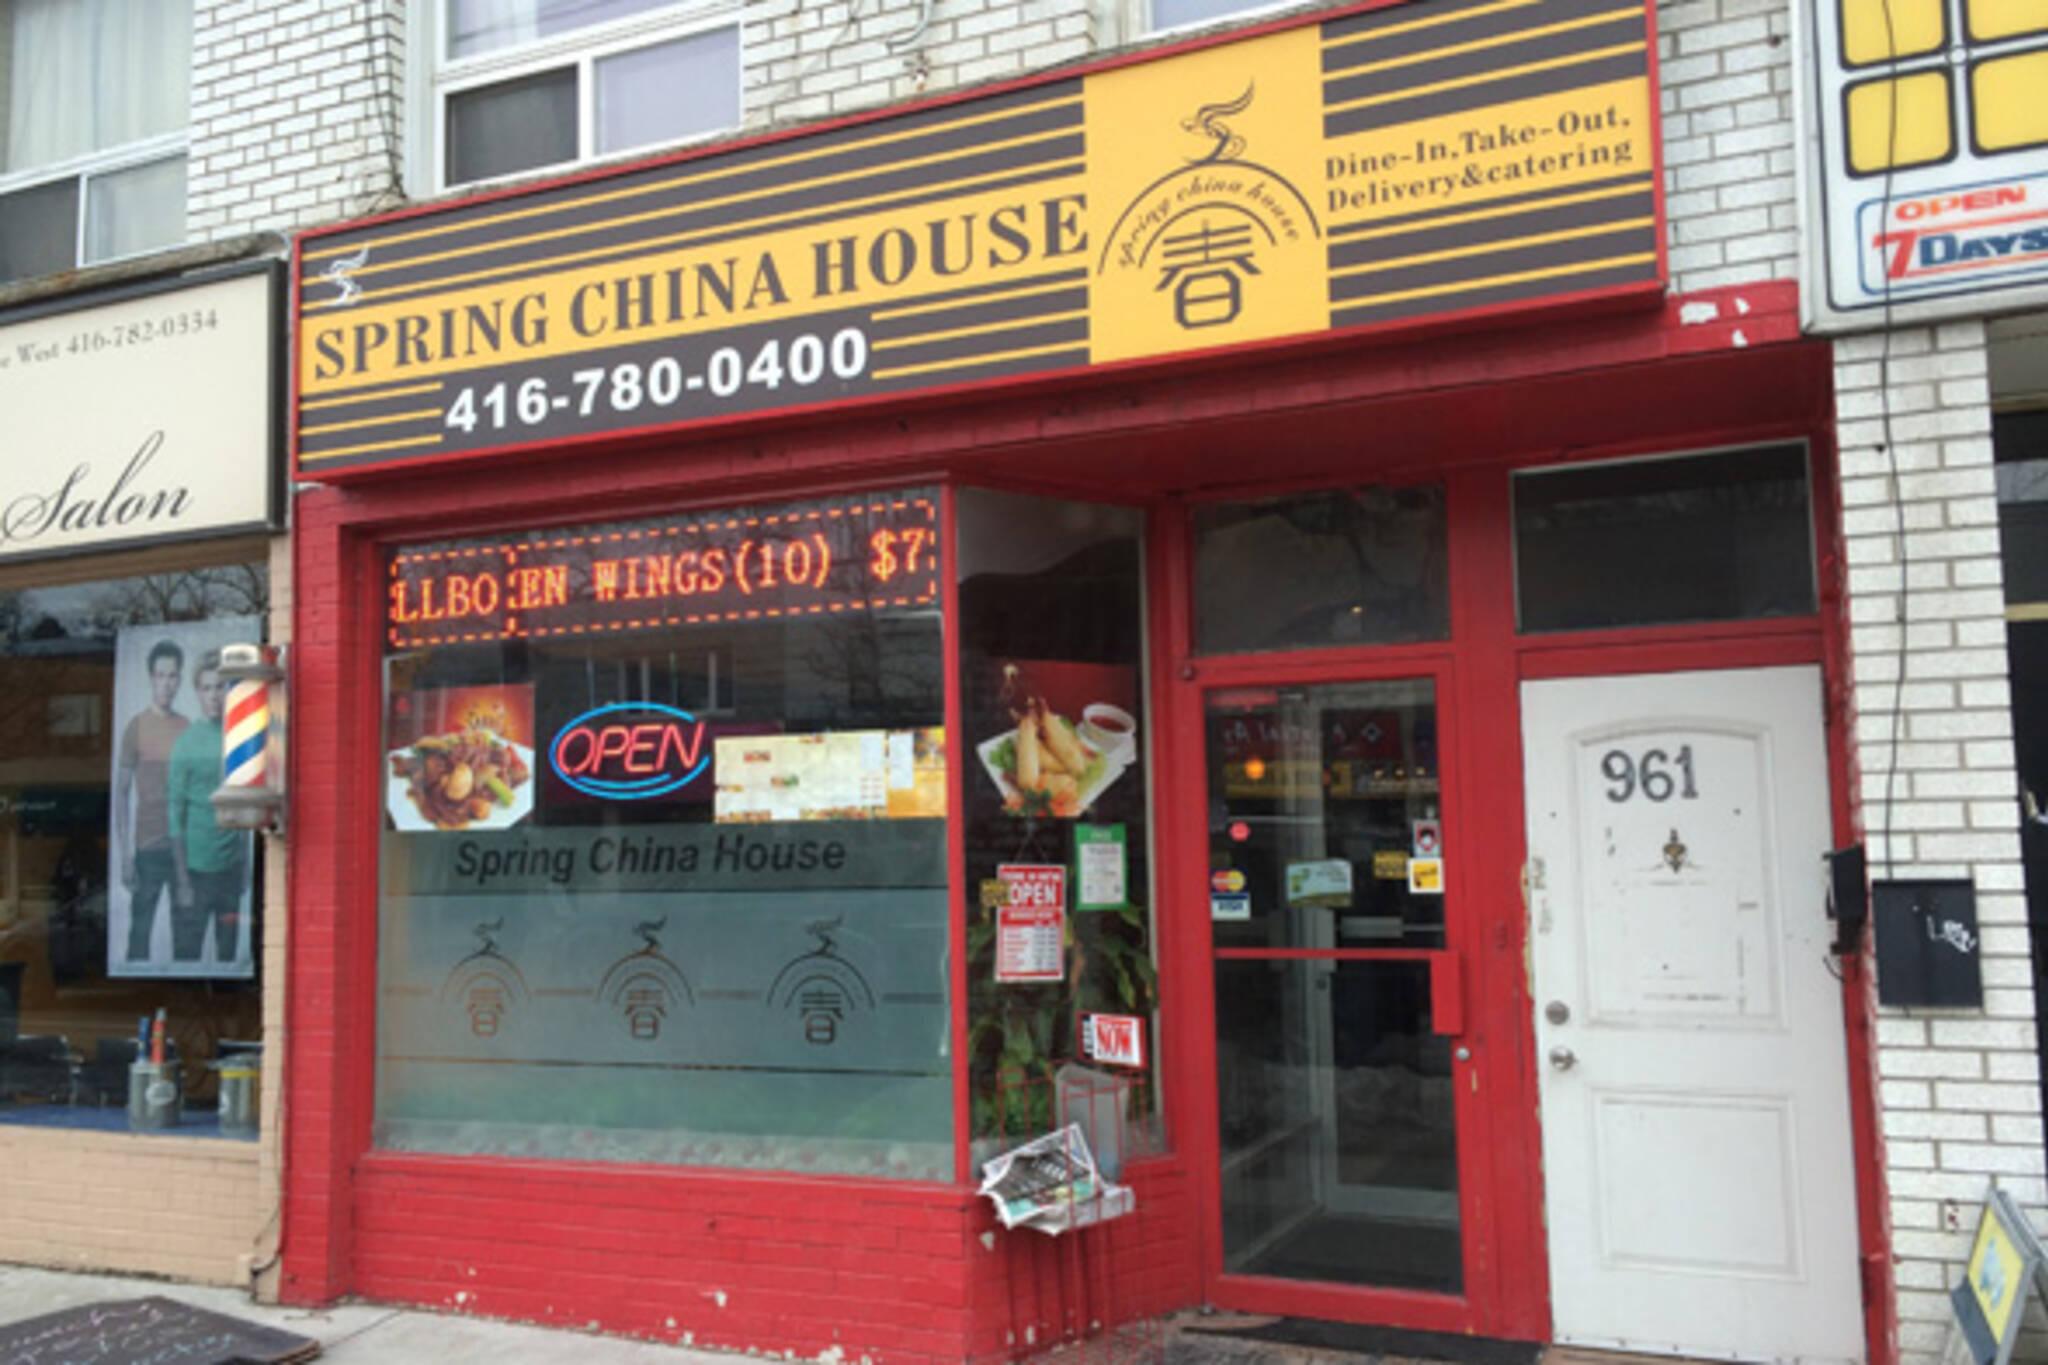 Spring China House Toronto